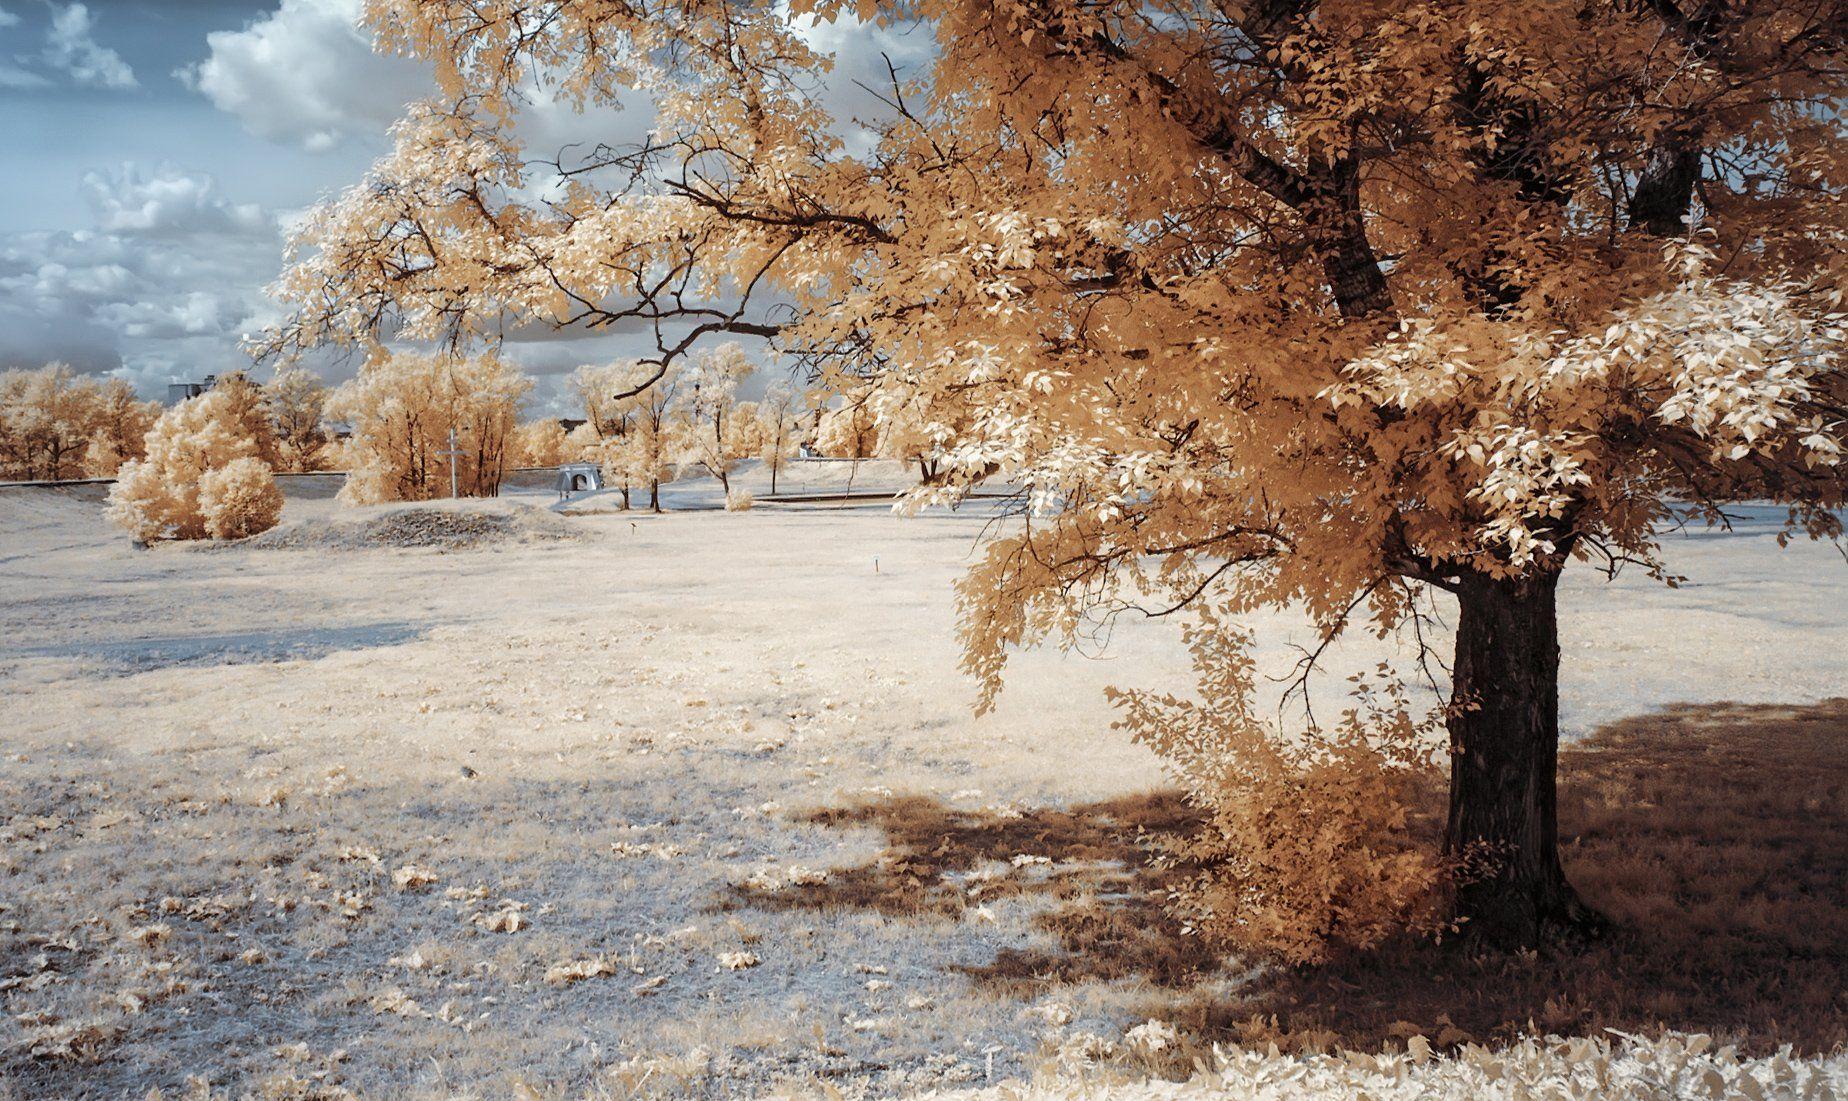 парк, деревья, лето, инфракрасная фотография,  Гобова Наталья